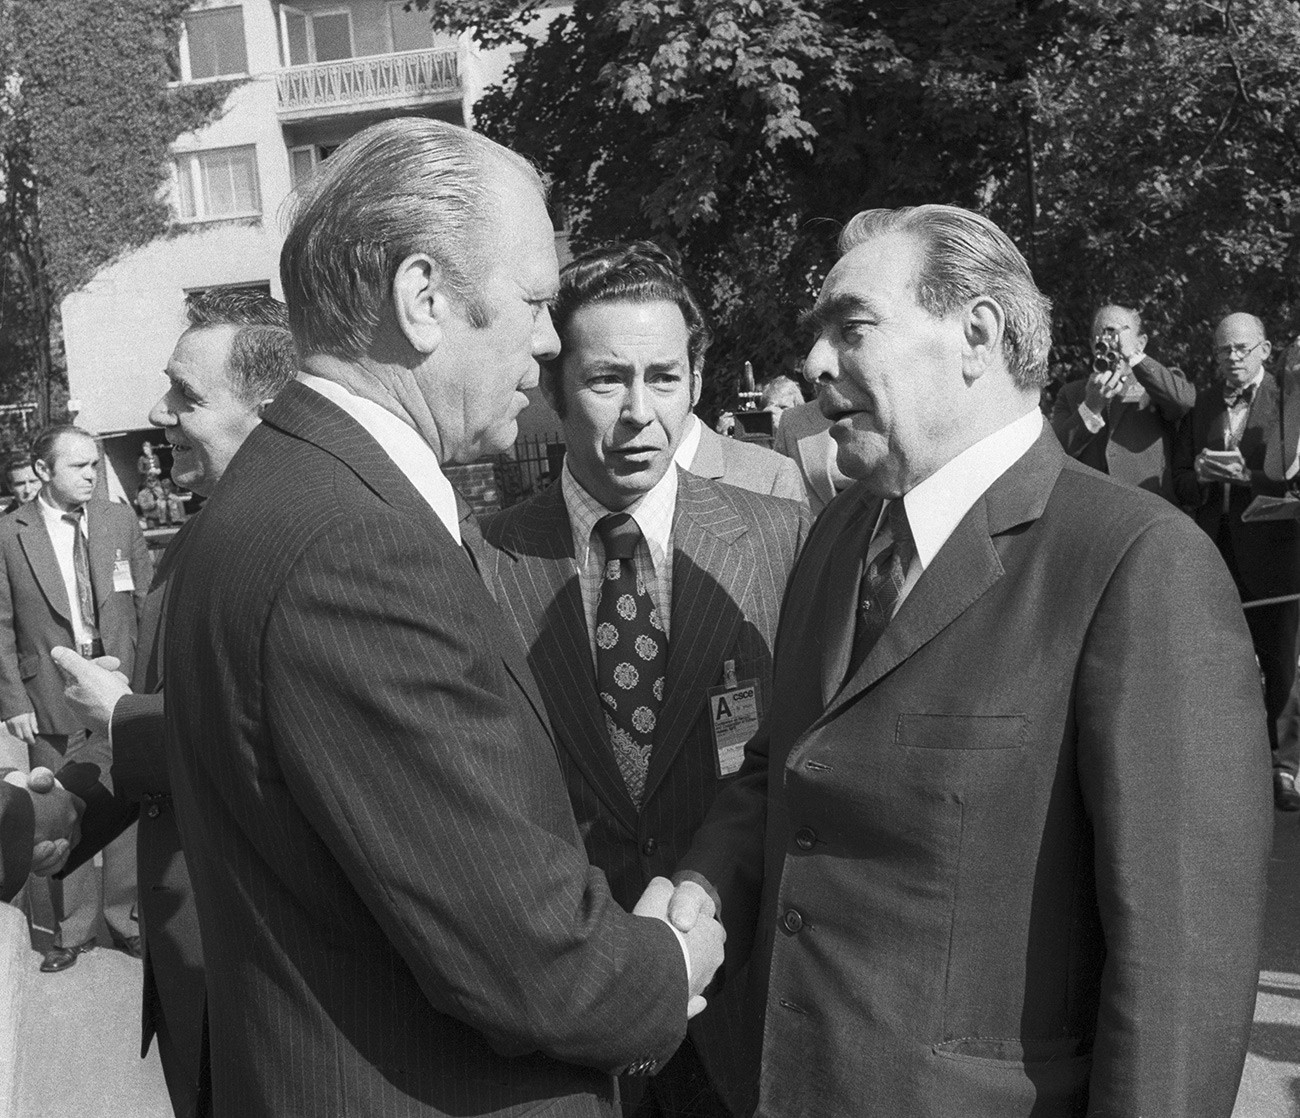 Helsinki. Glavni tajnik CK KPSS-a Leonid Brežnjev (desno) i predsjednik SAD-a G. Ford prije početka savjetovanja za sigurnost i suradnju u Europi.